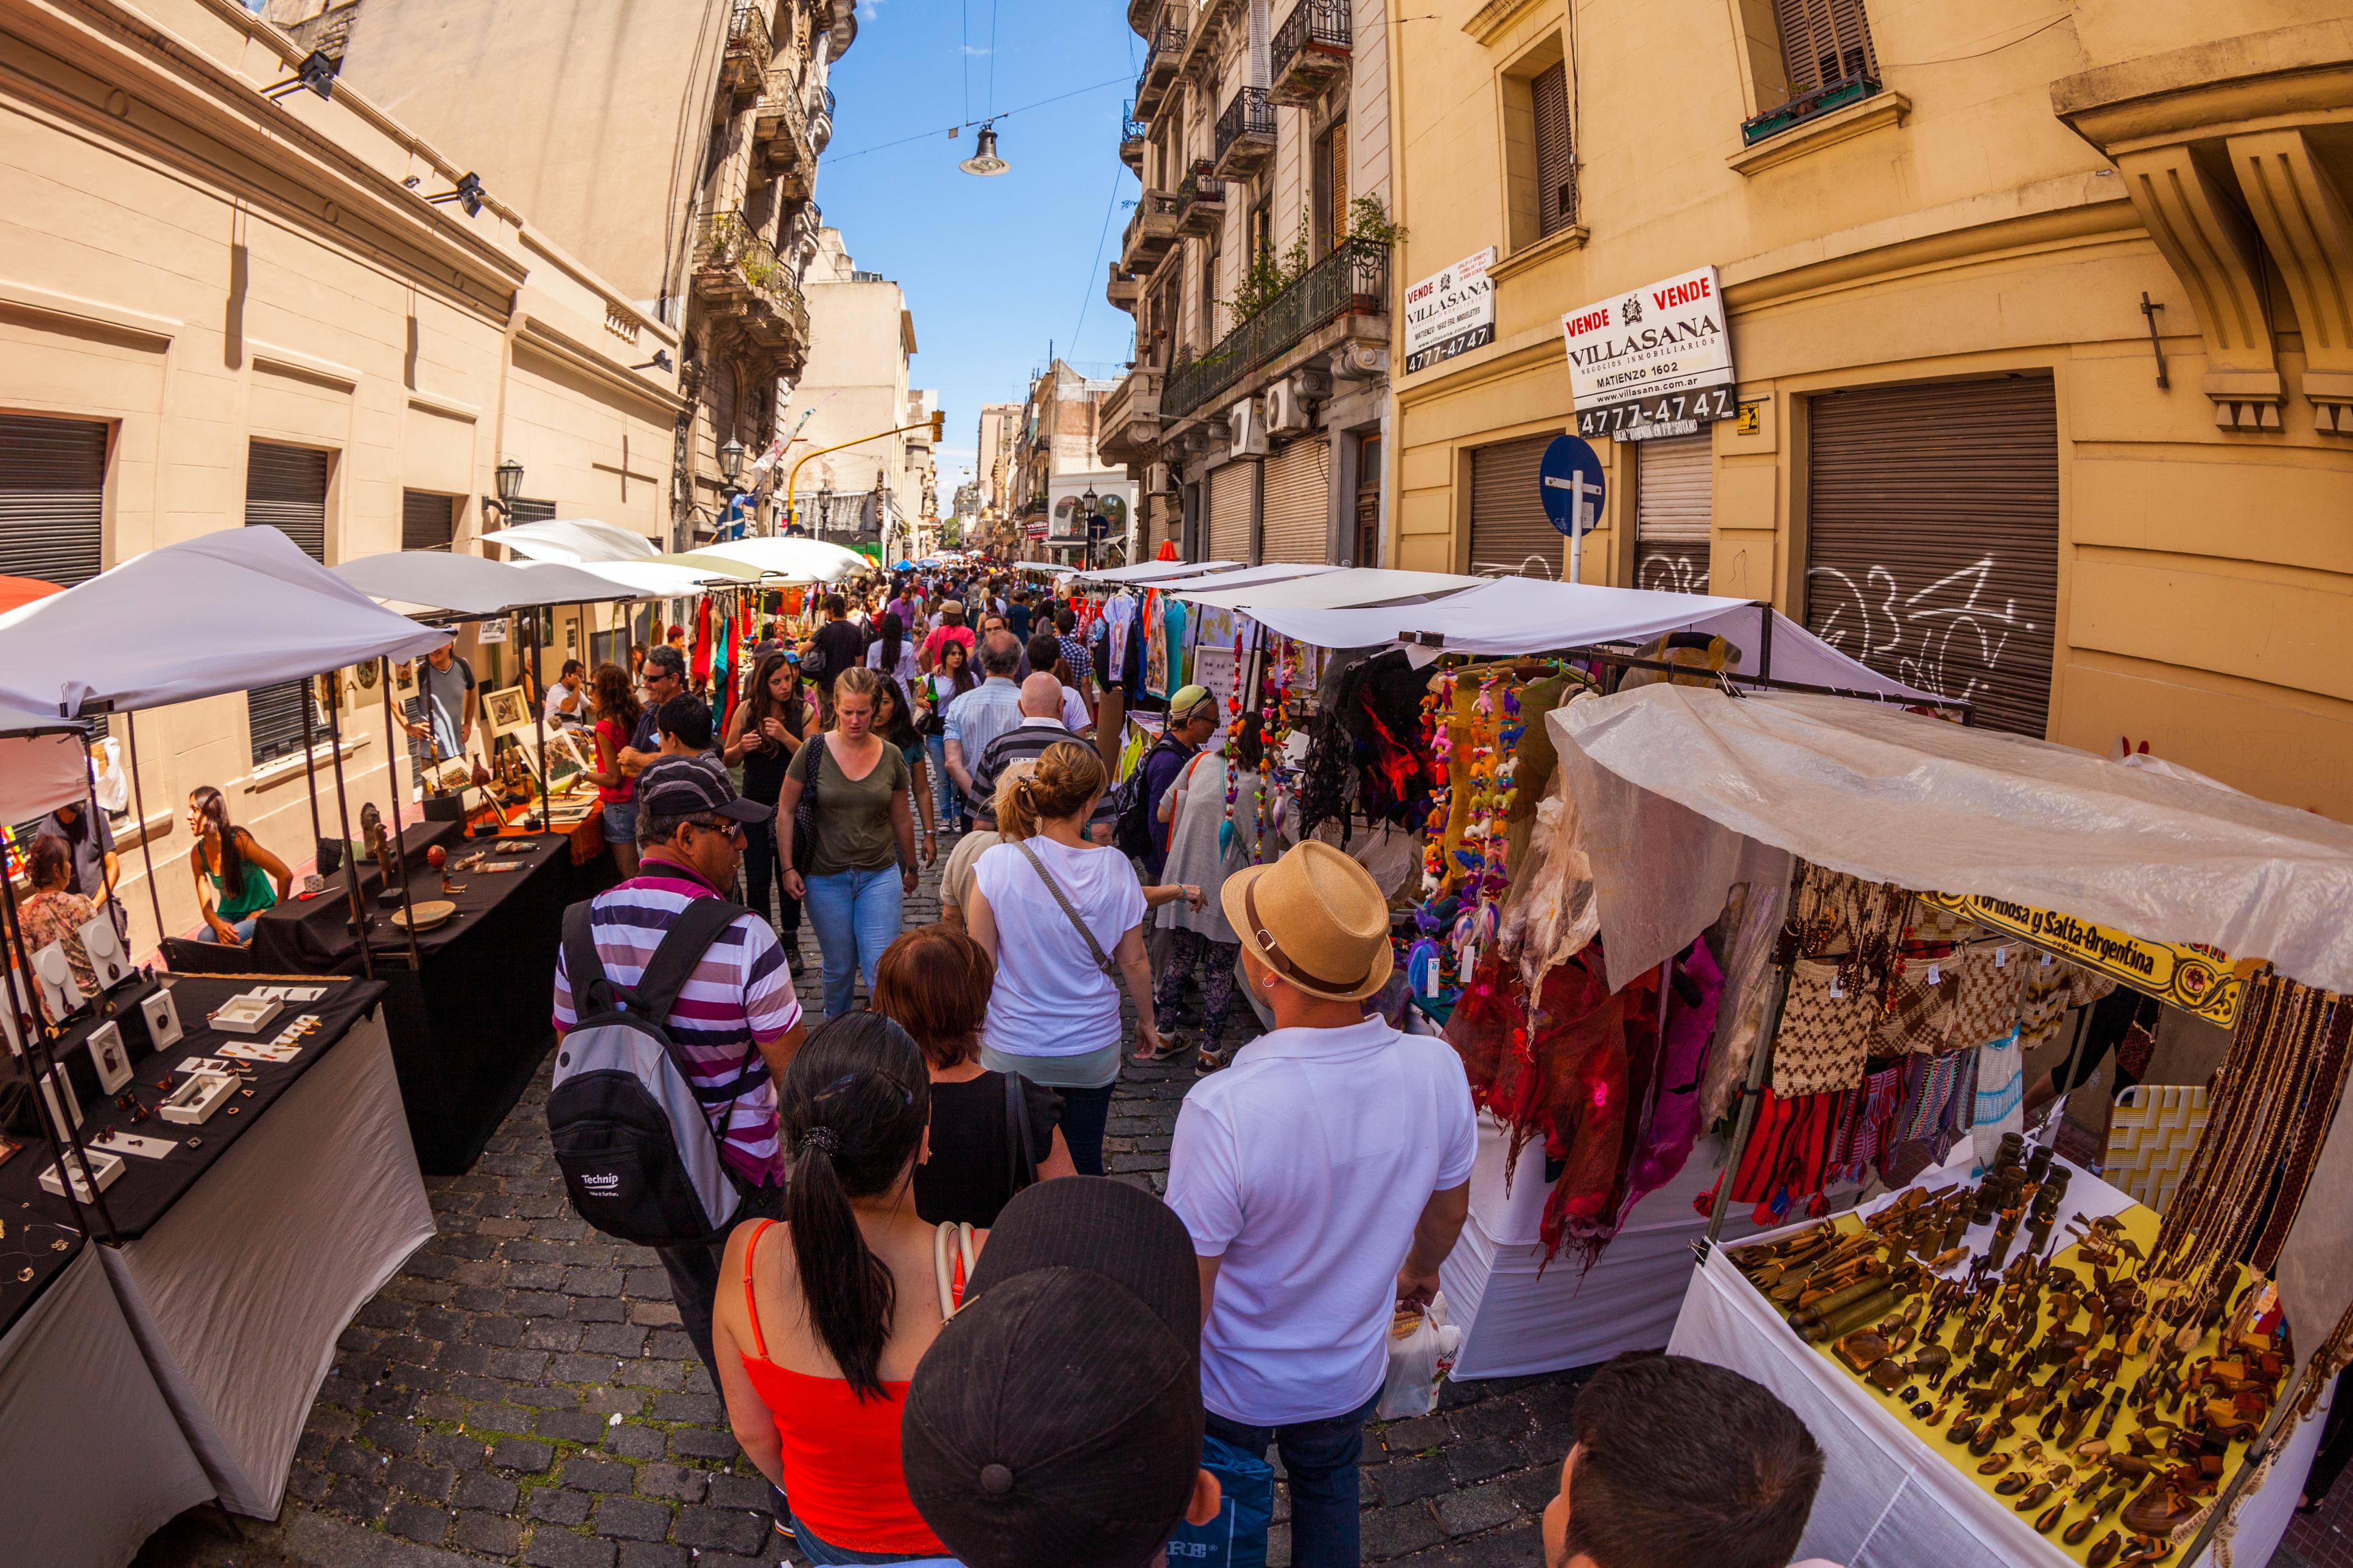 Turistas se agrupam em multidão durante a feira de San Telmo, aos domingos